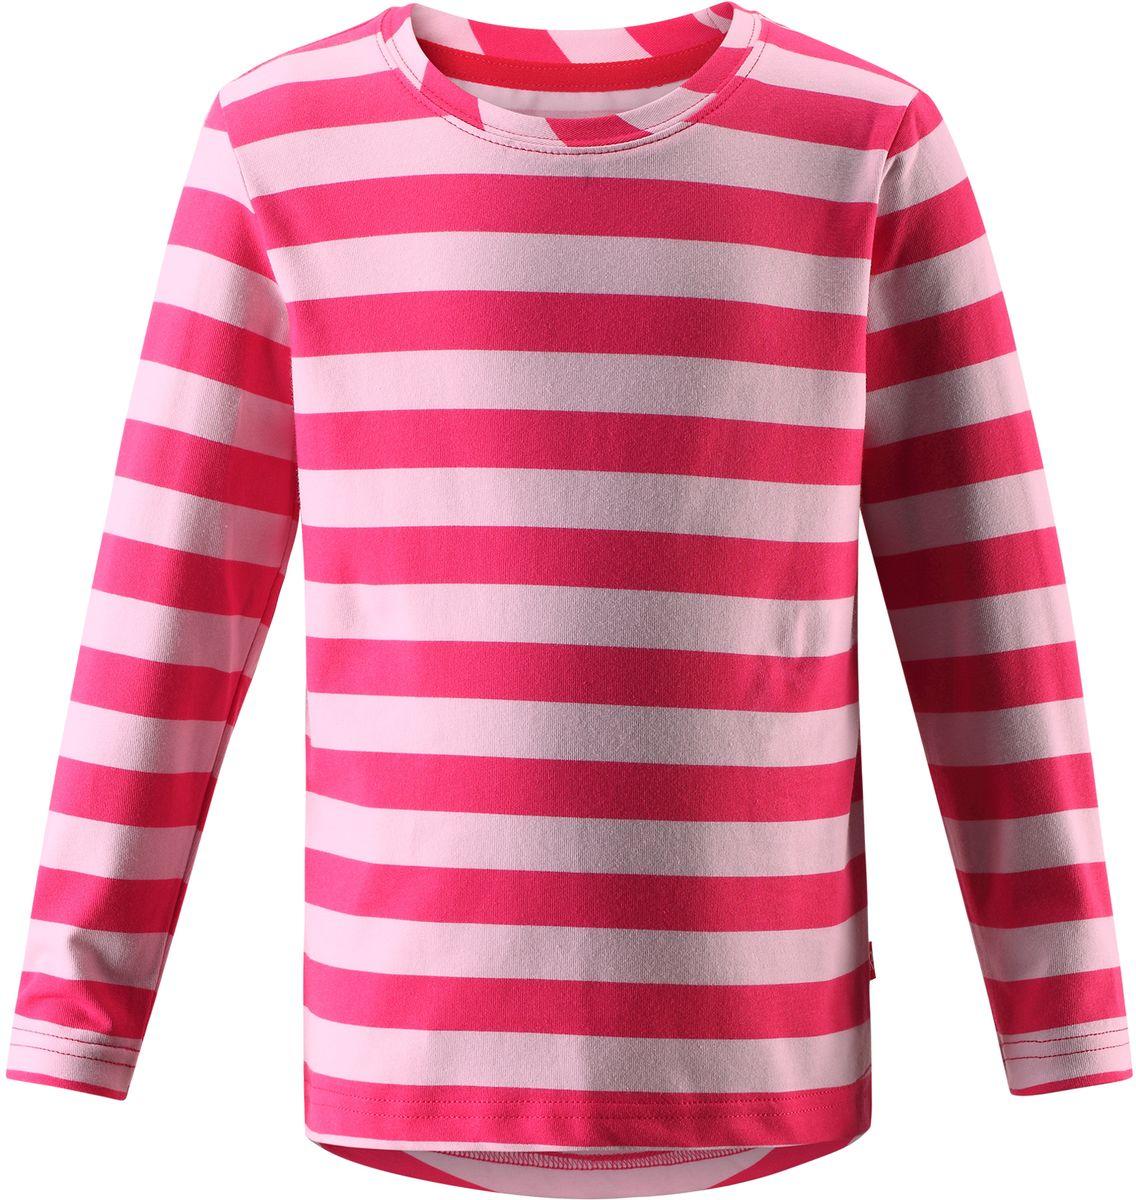 Футболка с длинным рукавом детская Reima Kuper, цвет: розовый. 5262523369. Размер 1165262523369Футболка с длинными рукавами для подростков изготовлена из удобного быстросохнущего материала Play Jersey с УФ-защитой 40+. Лицевая поверхность этого особо мягкого хлопчатобумажного материала очень приятна на ощупь, а обратная сторона эффективно отводит влагу. Благодаря эластану ткань тянется, обеспечивает комфорт и не сковывает движений во время подвижных игр.